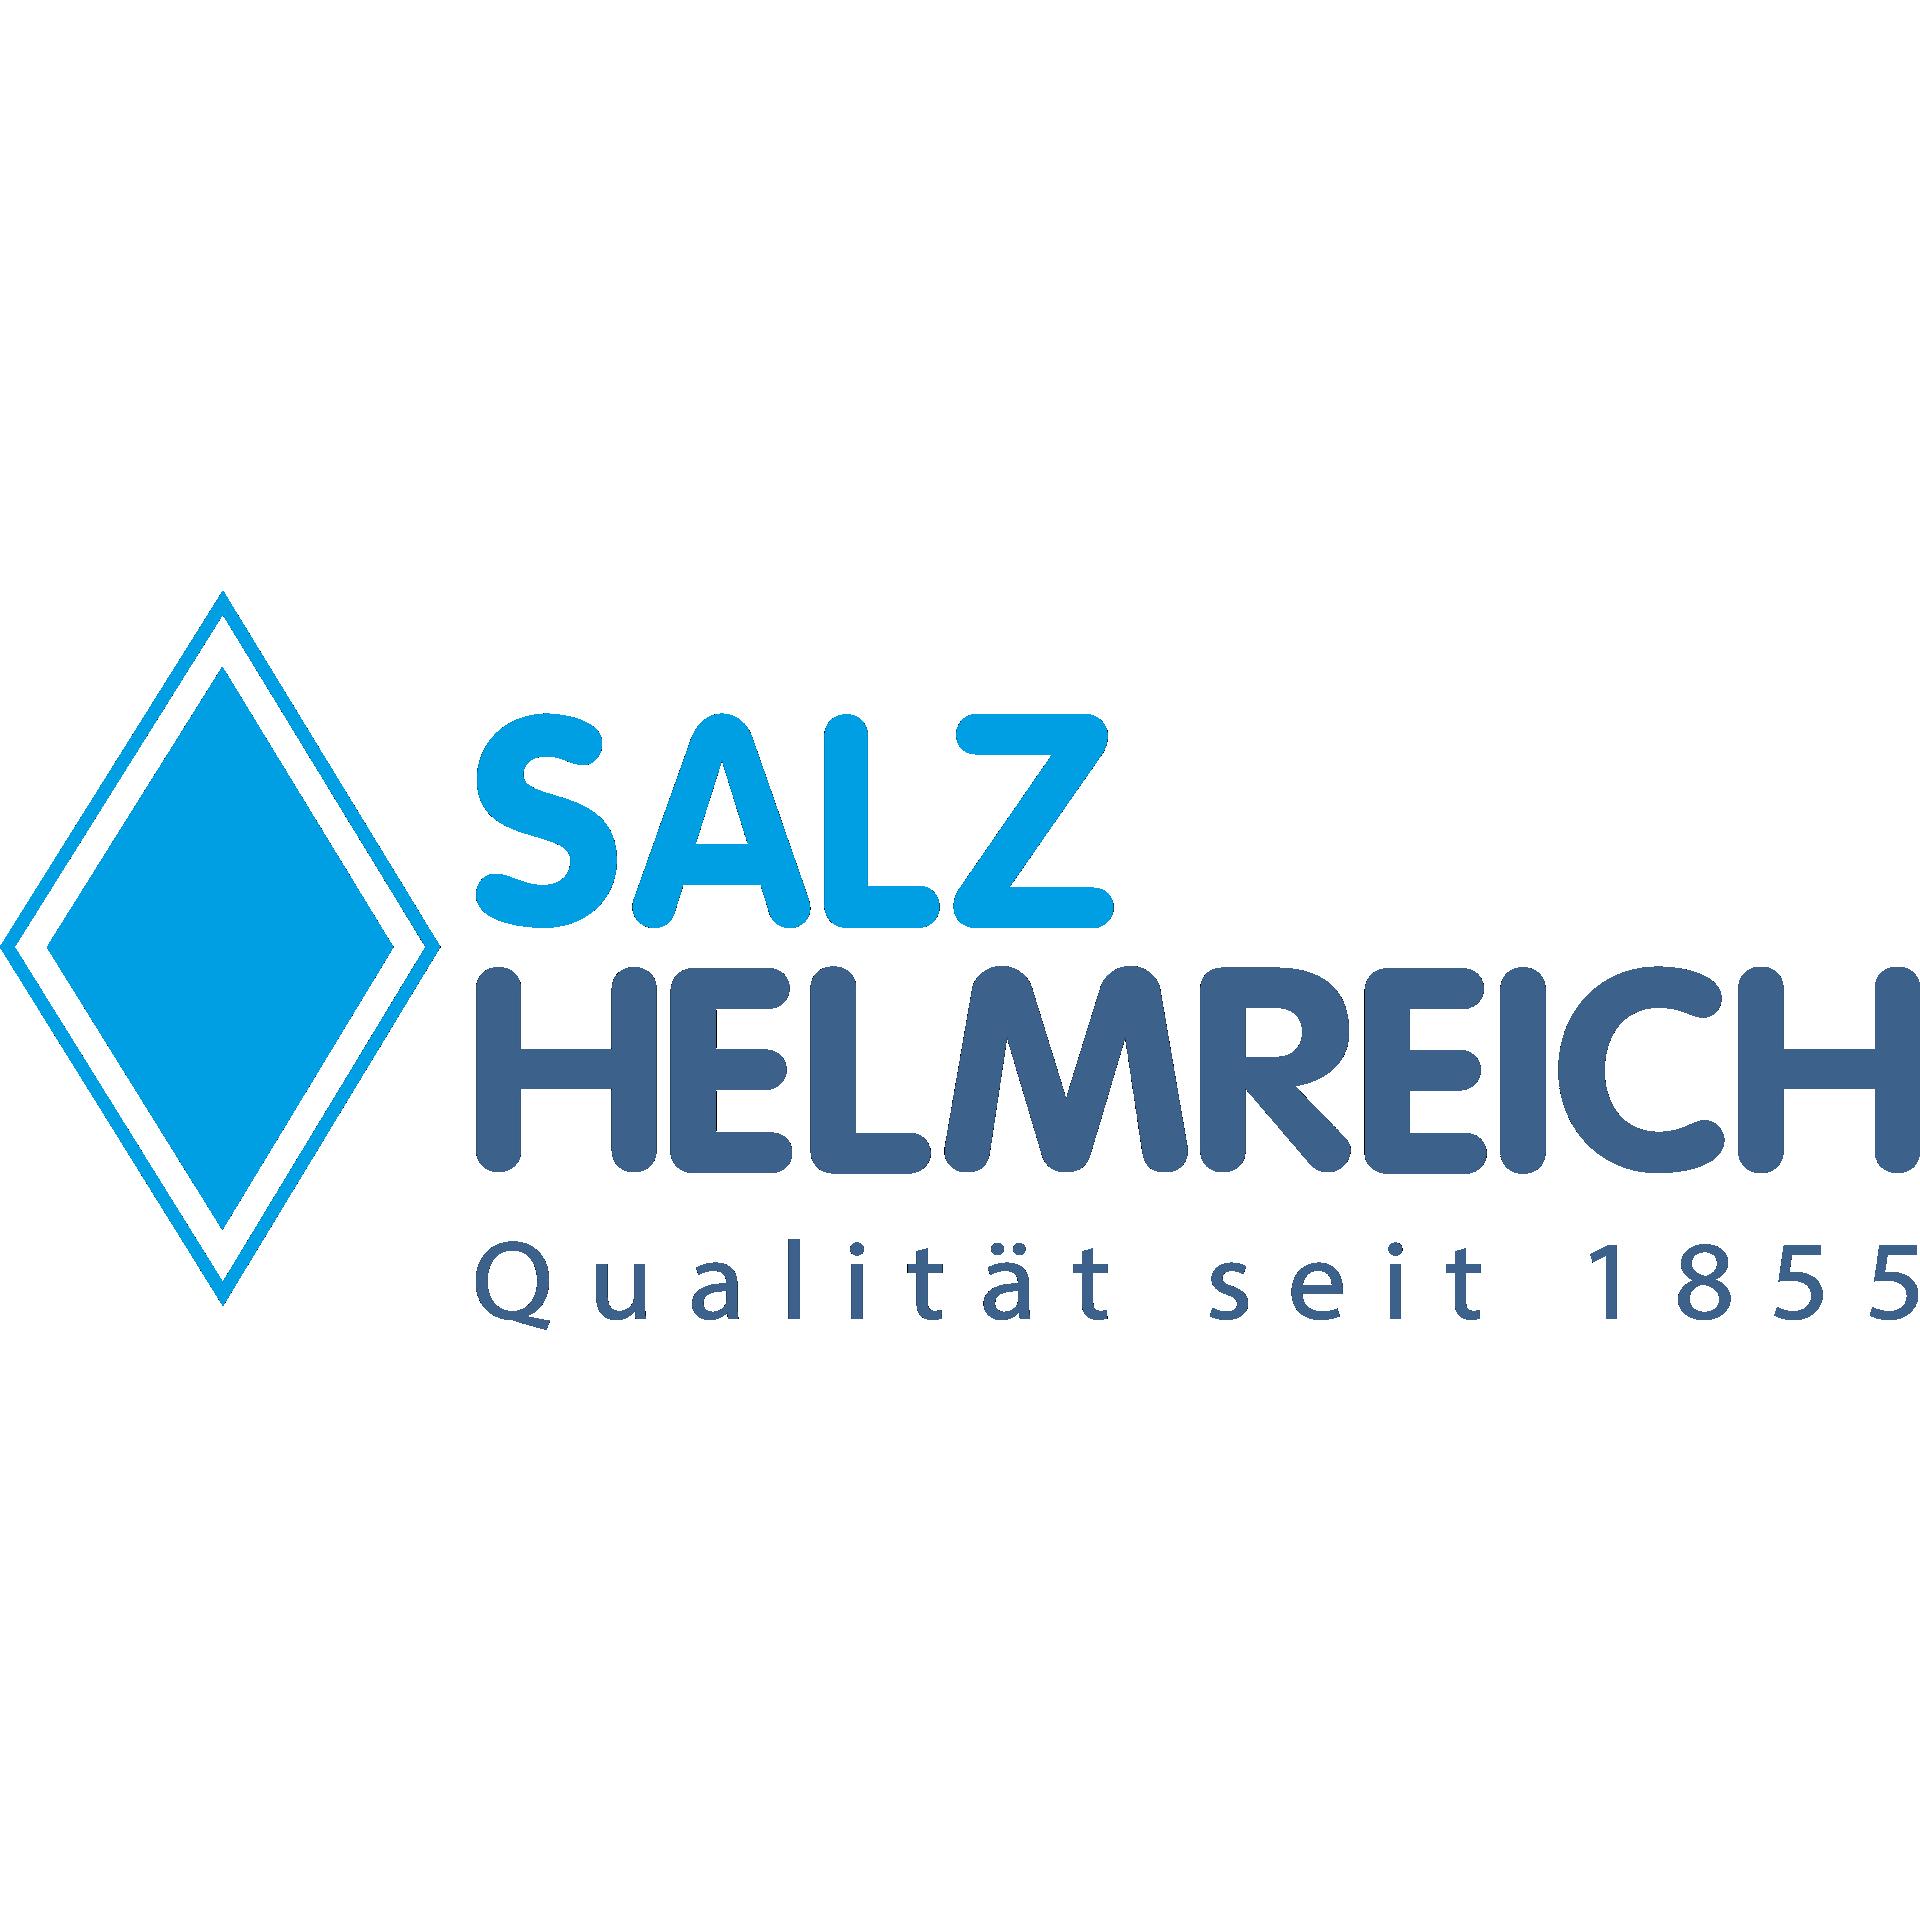 Stein - Einzelfuttermittel Viehsalz 0,4-1,4 mm im 25 kg Sack